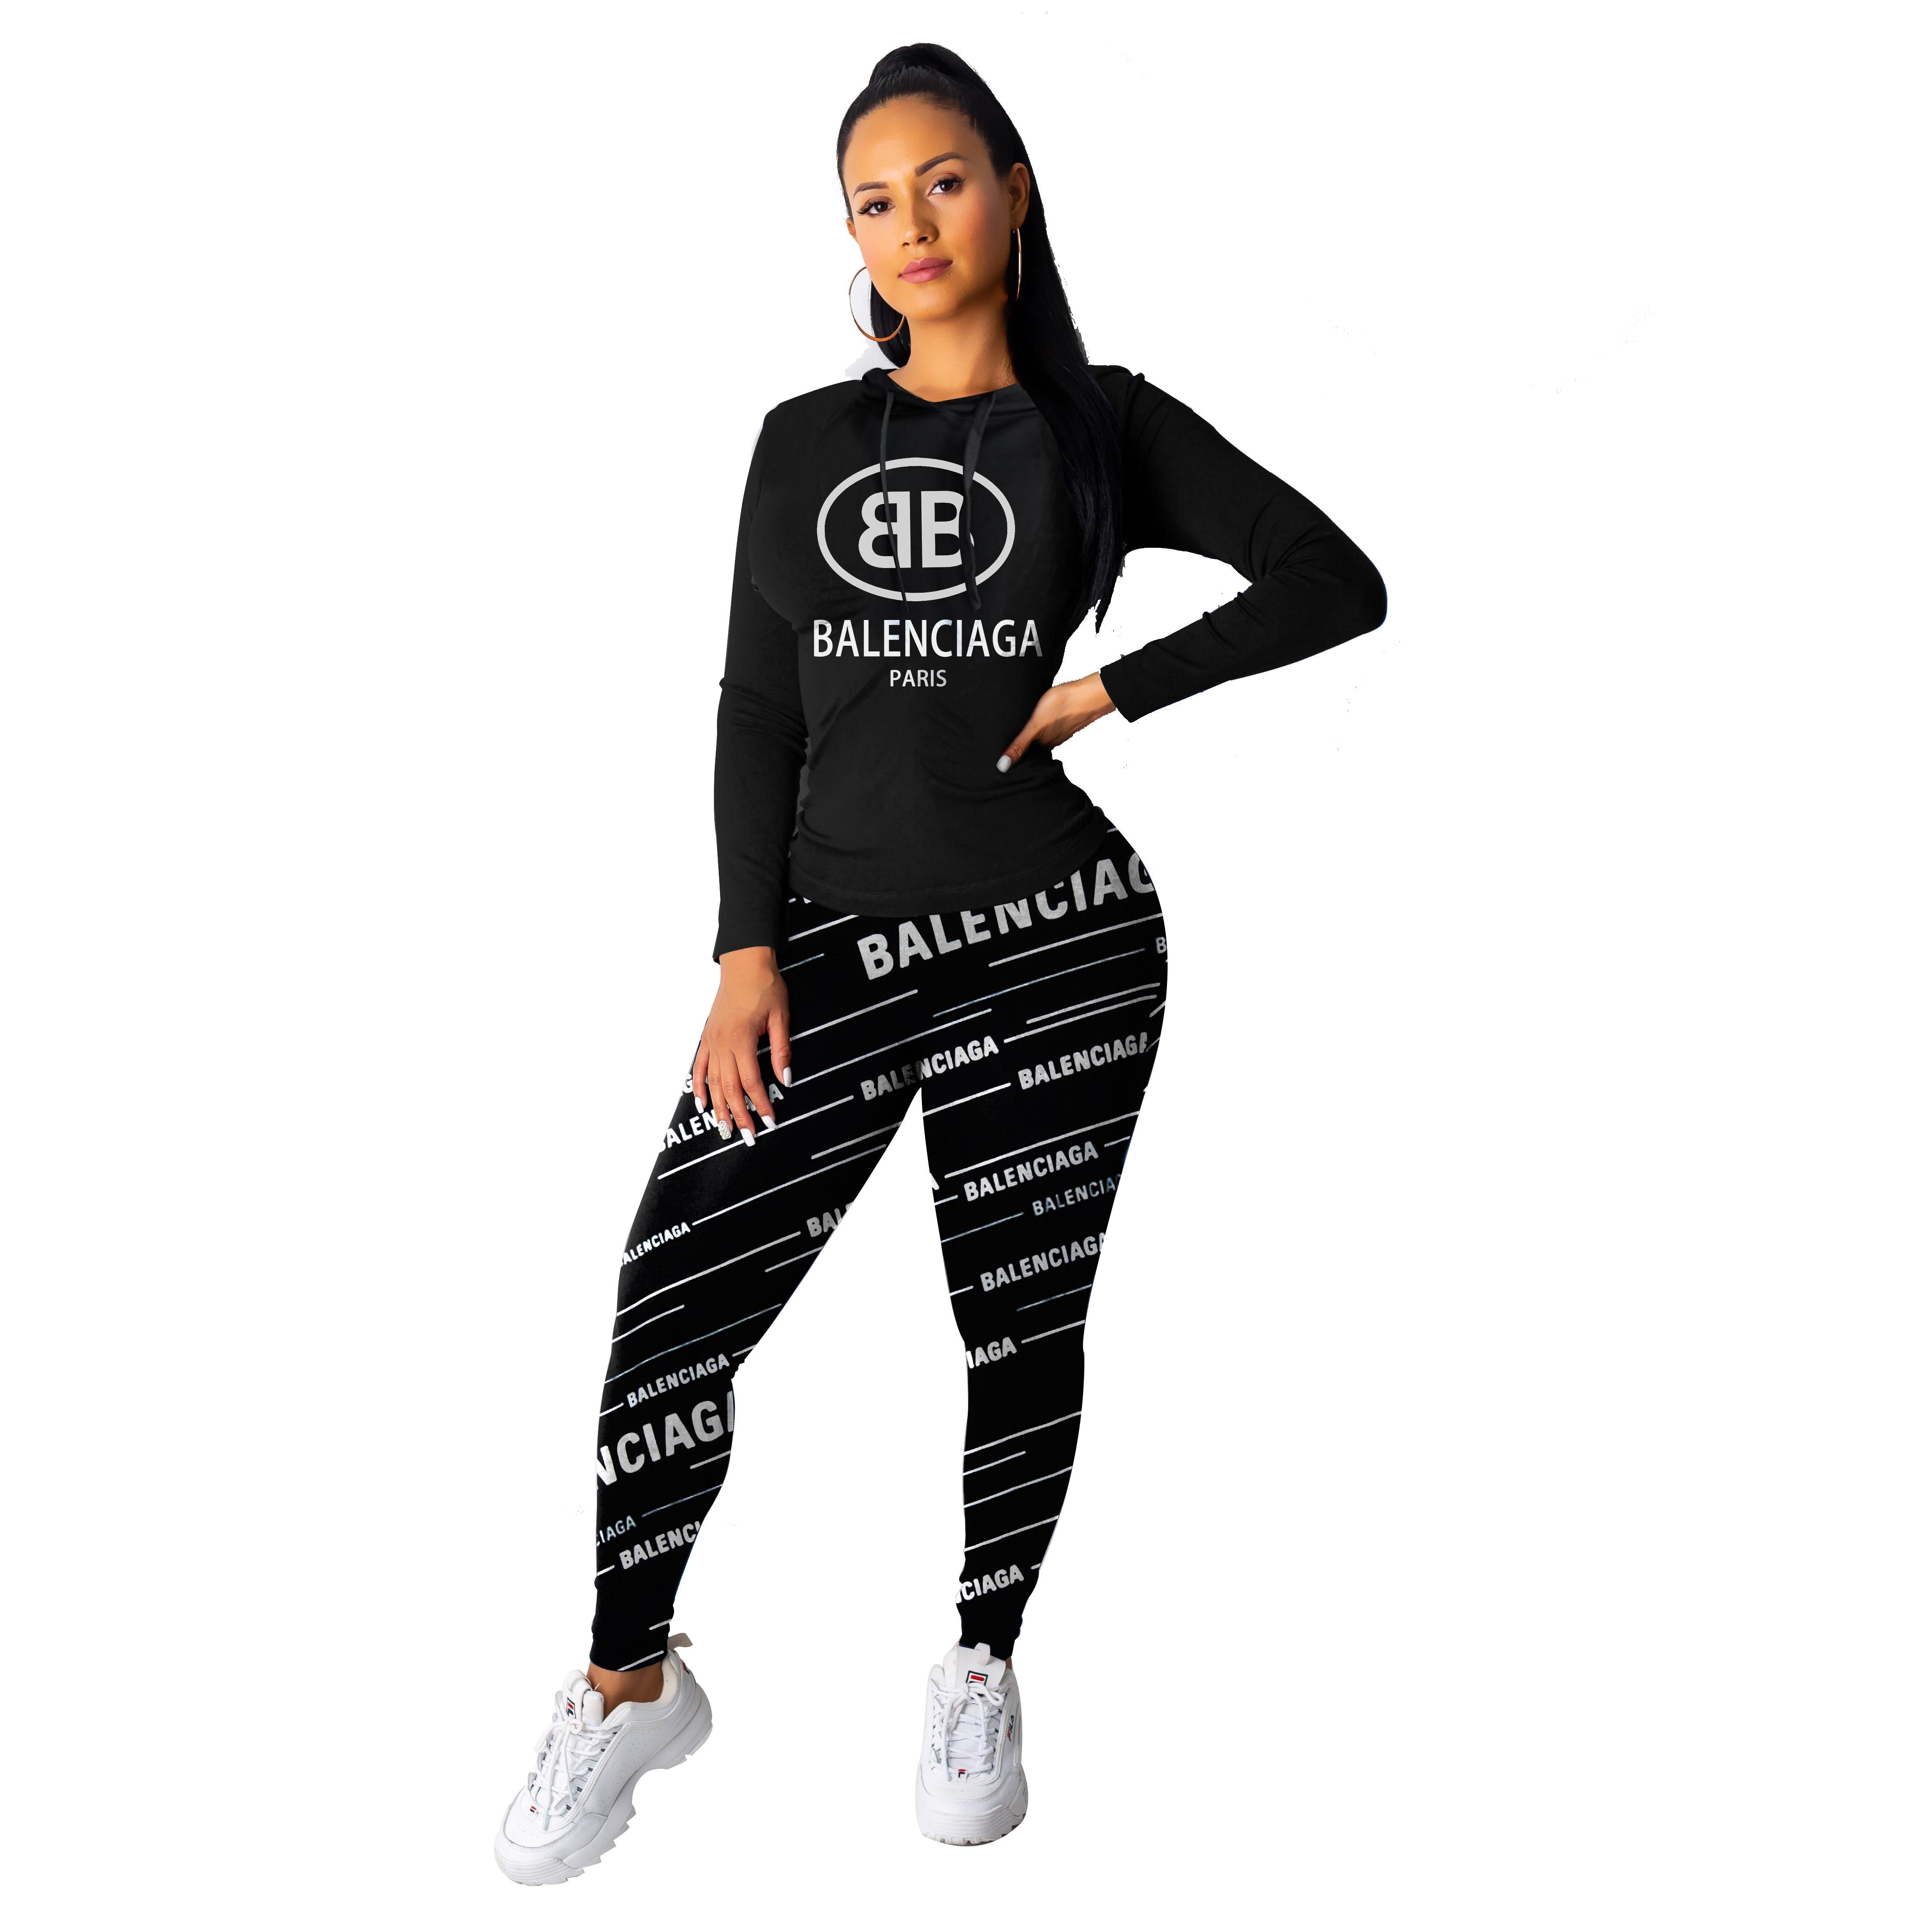 여성 디자이너 패션 운동복 고급 의류 세트 긴 소매는 + 바지 세트 여자의 인과 관계가 운동복 도매 인쇄 두 조각 탑